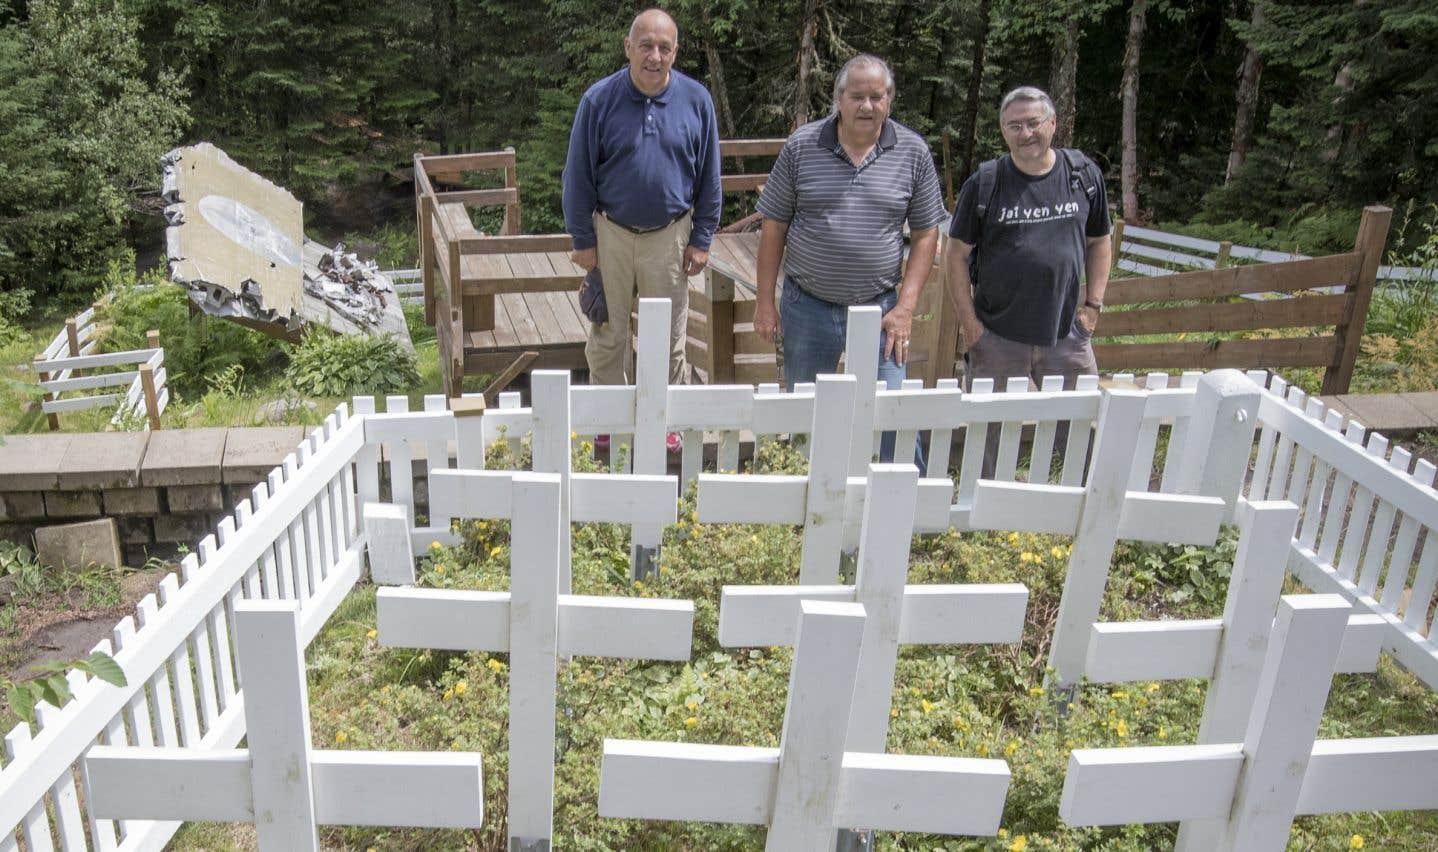 Jacques Deguire, André Lapointe et Michel Brunet font partie des Gardiens du Liberator, un groupe qui entretient le site de l'écrasement.